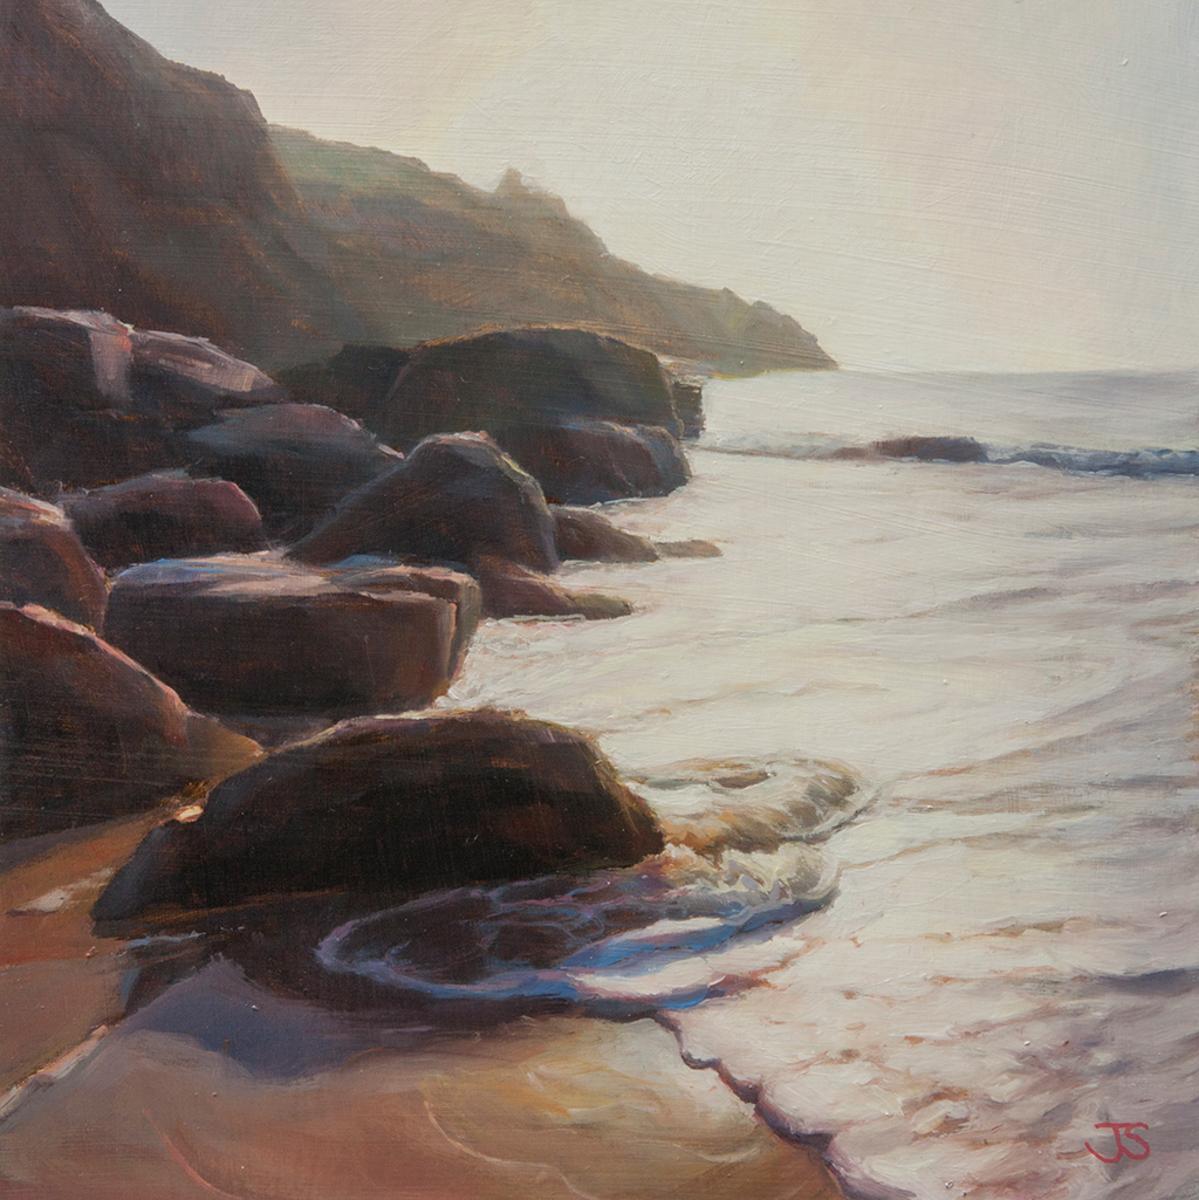 Housel Bay Rocks (oil on board) by Jerry Smith